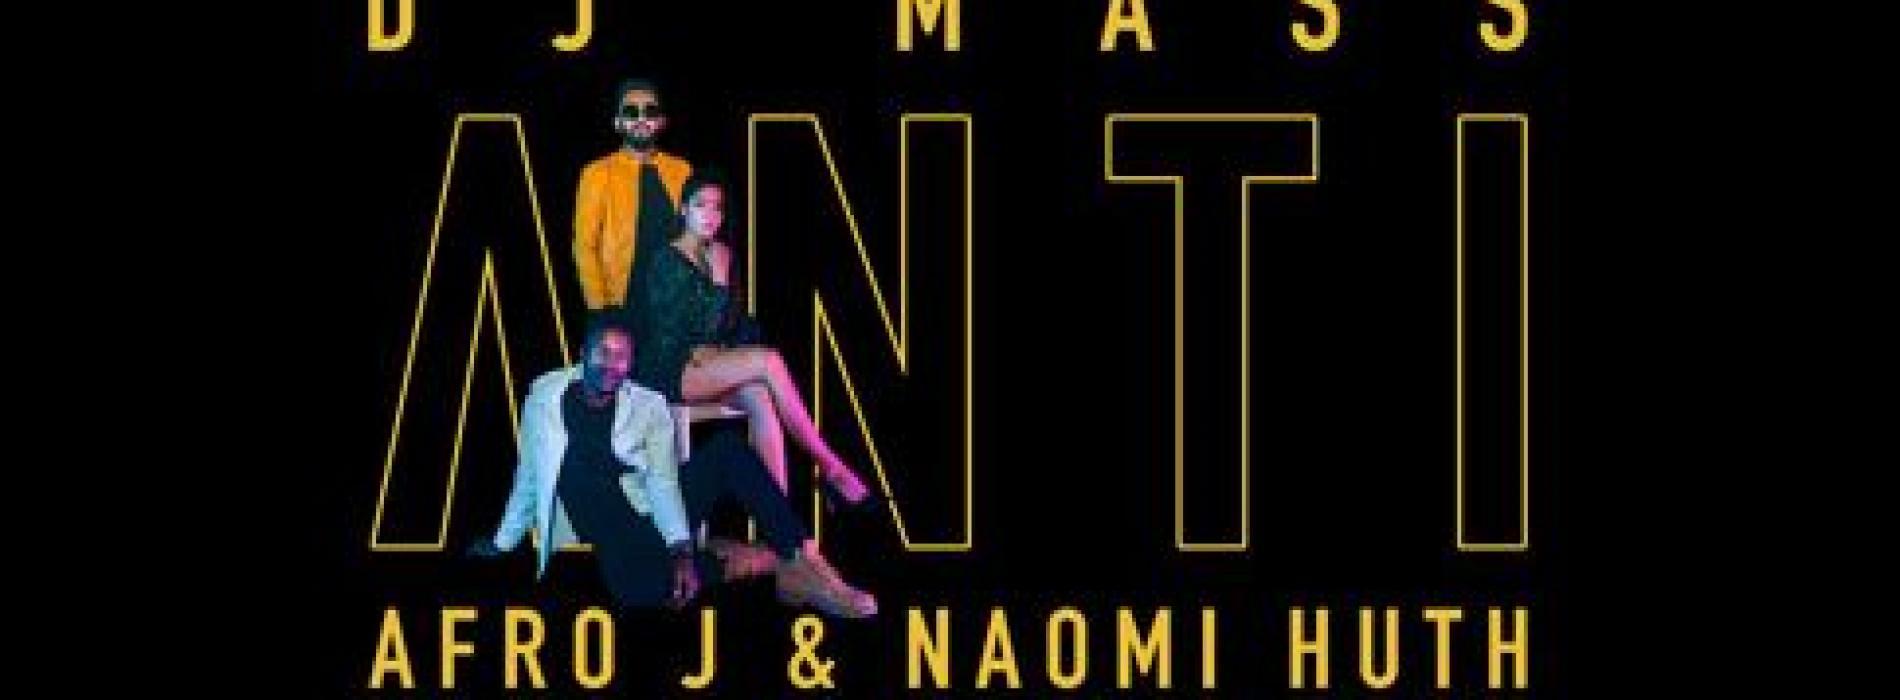 Dj Mass Ft Afro J & Naomi Huth – Anti